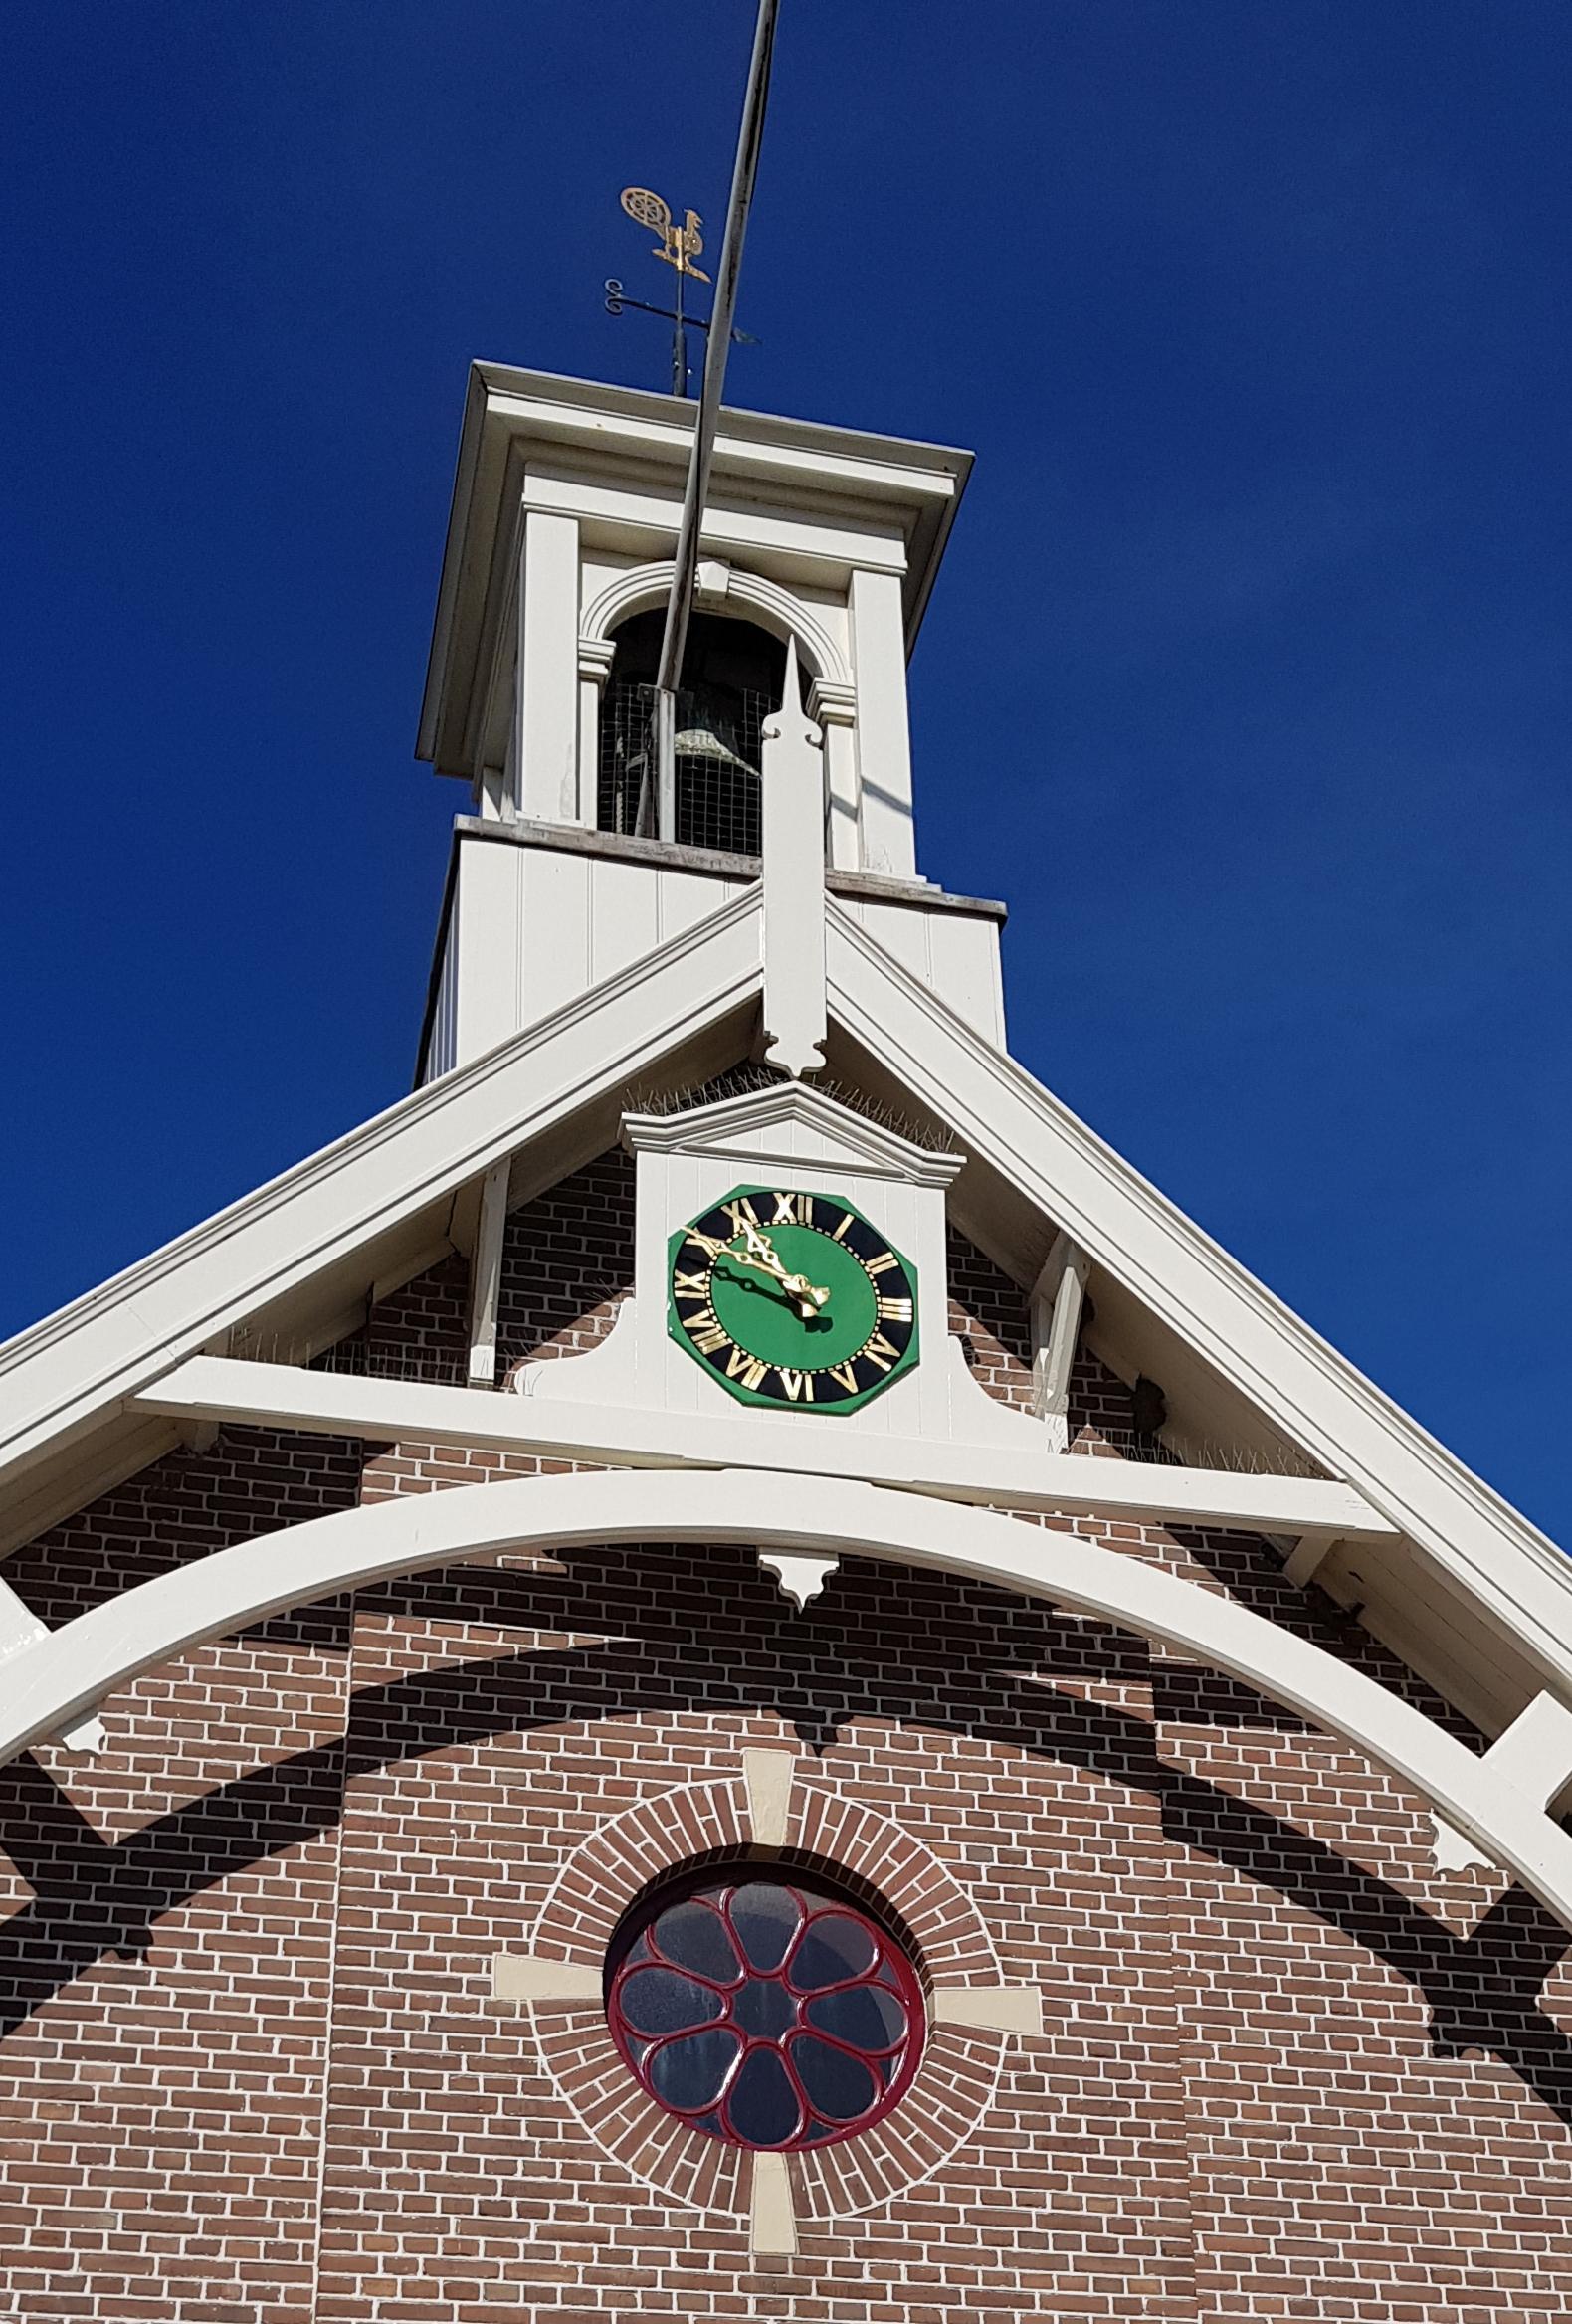 Op het Huisduiner kerkje wordt de tijd voortaan in het bladgoud weergegeven